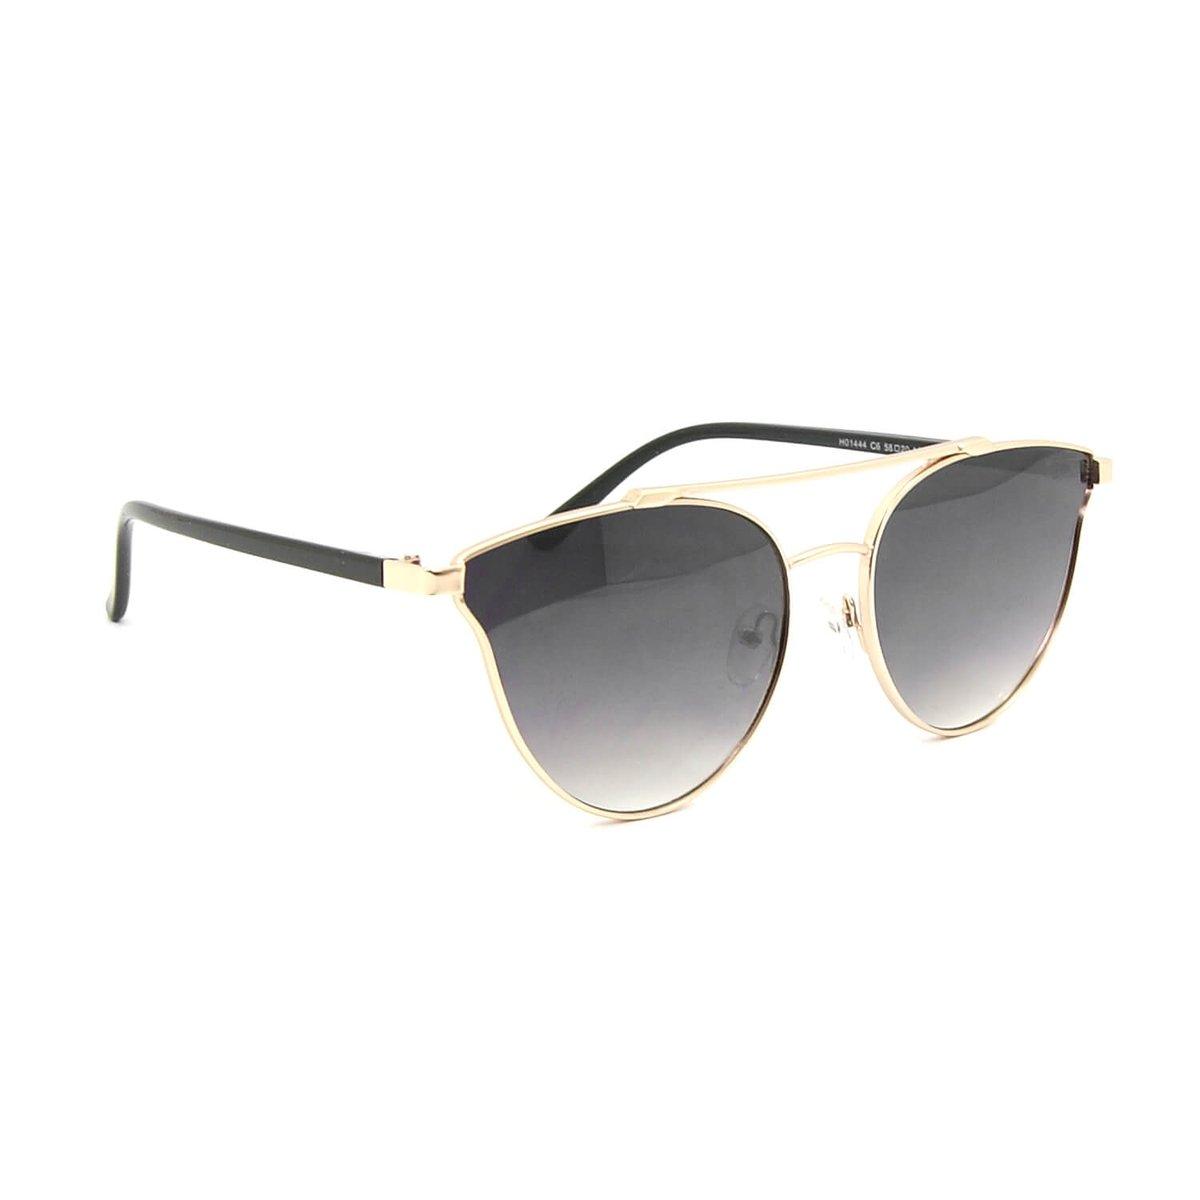 Óculos Bijoulux de Sol com Lente - Compre Agora   Netshoes f03b15768c